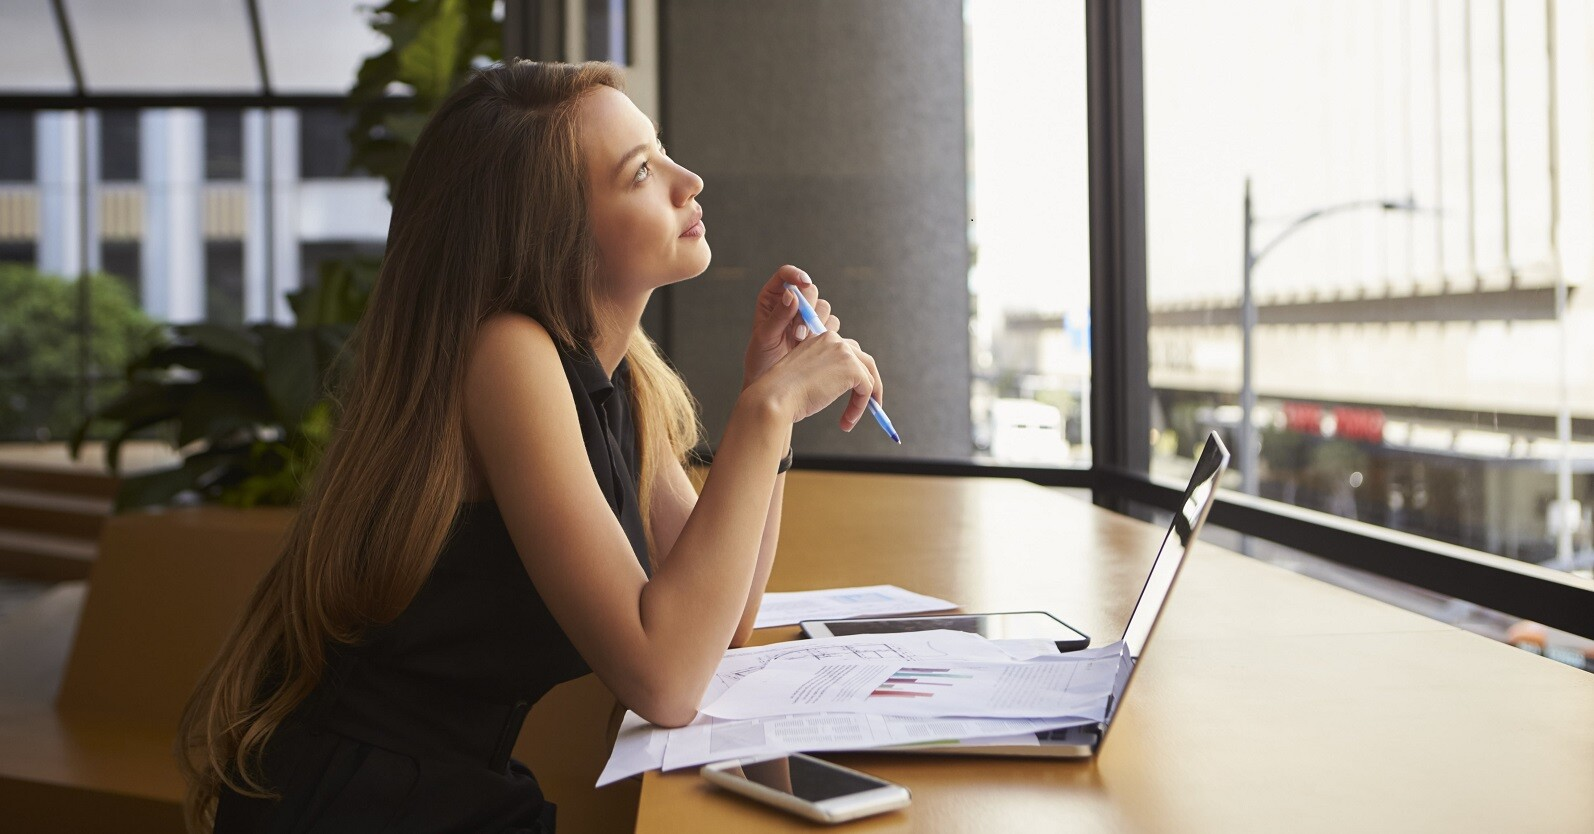 perfil profissional - jovem pensativa em frente ao computador